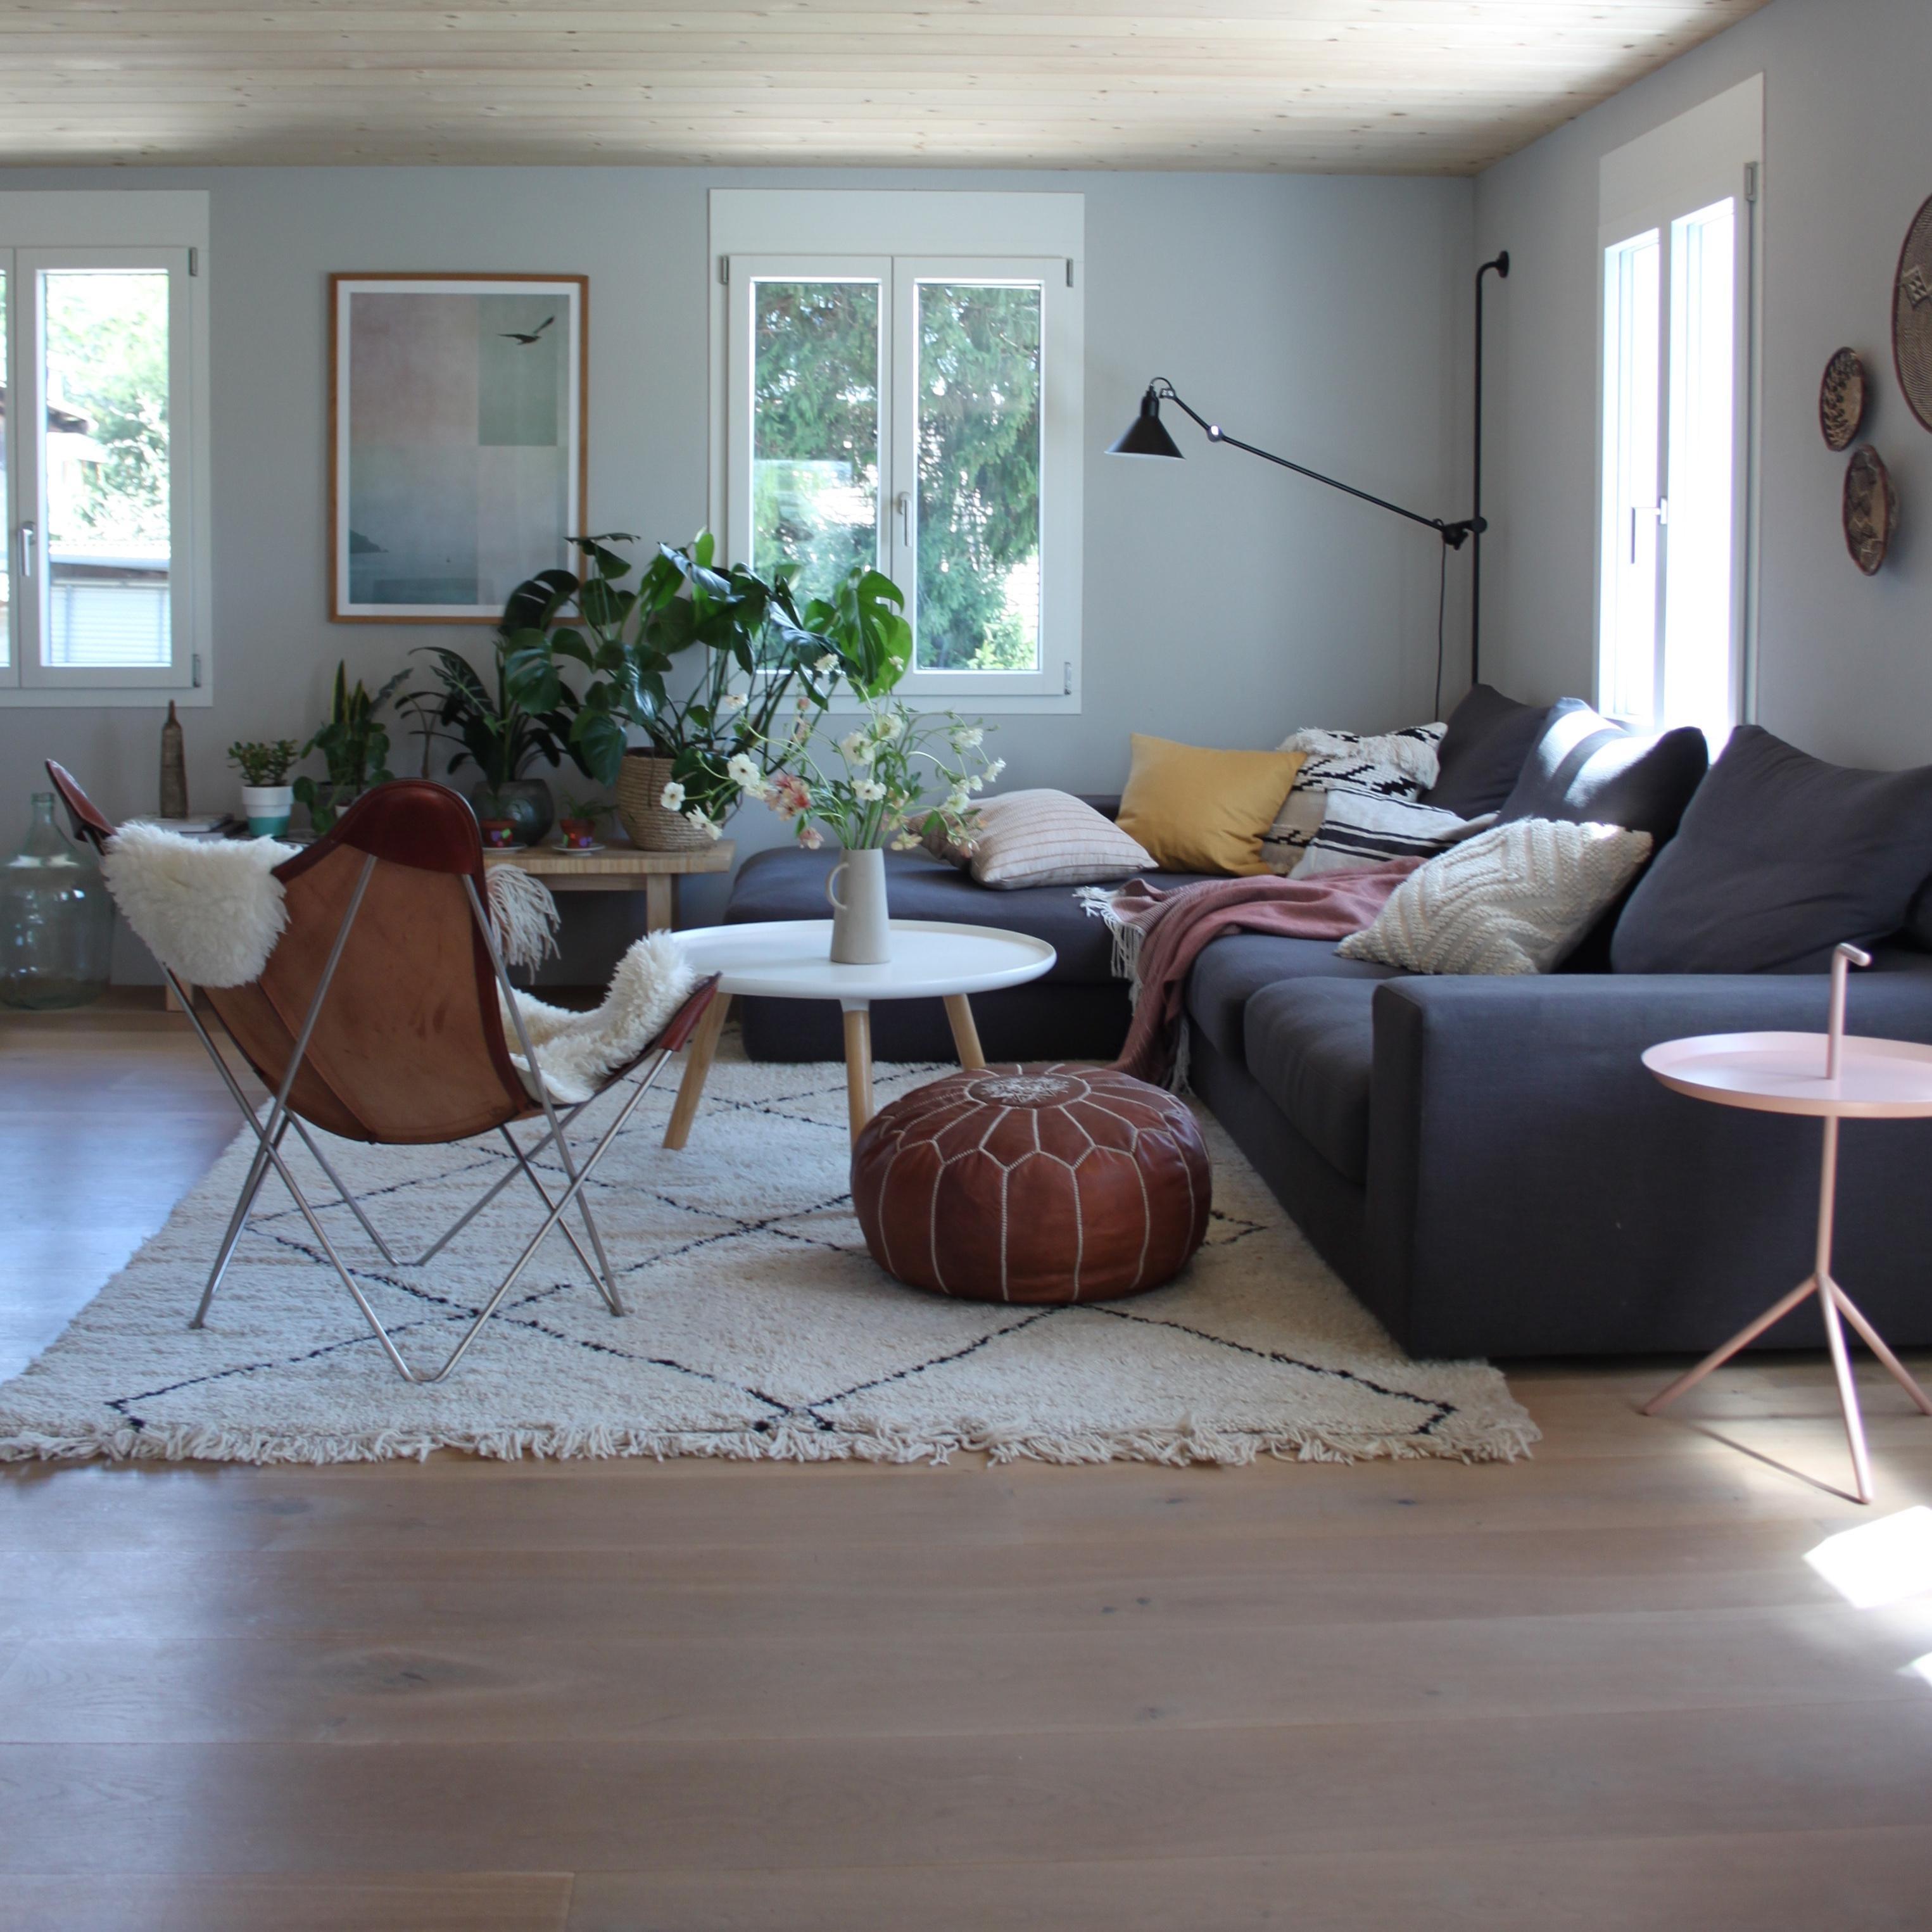 couchstyle skandistyle wohnzimmer skandinavisch nordicliving